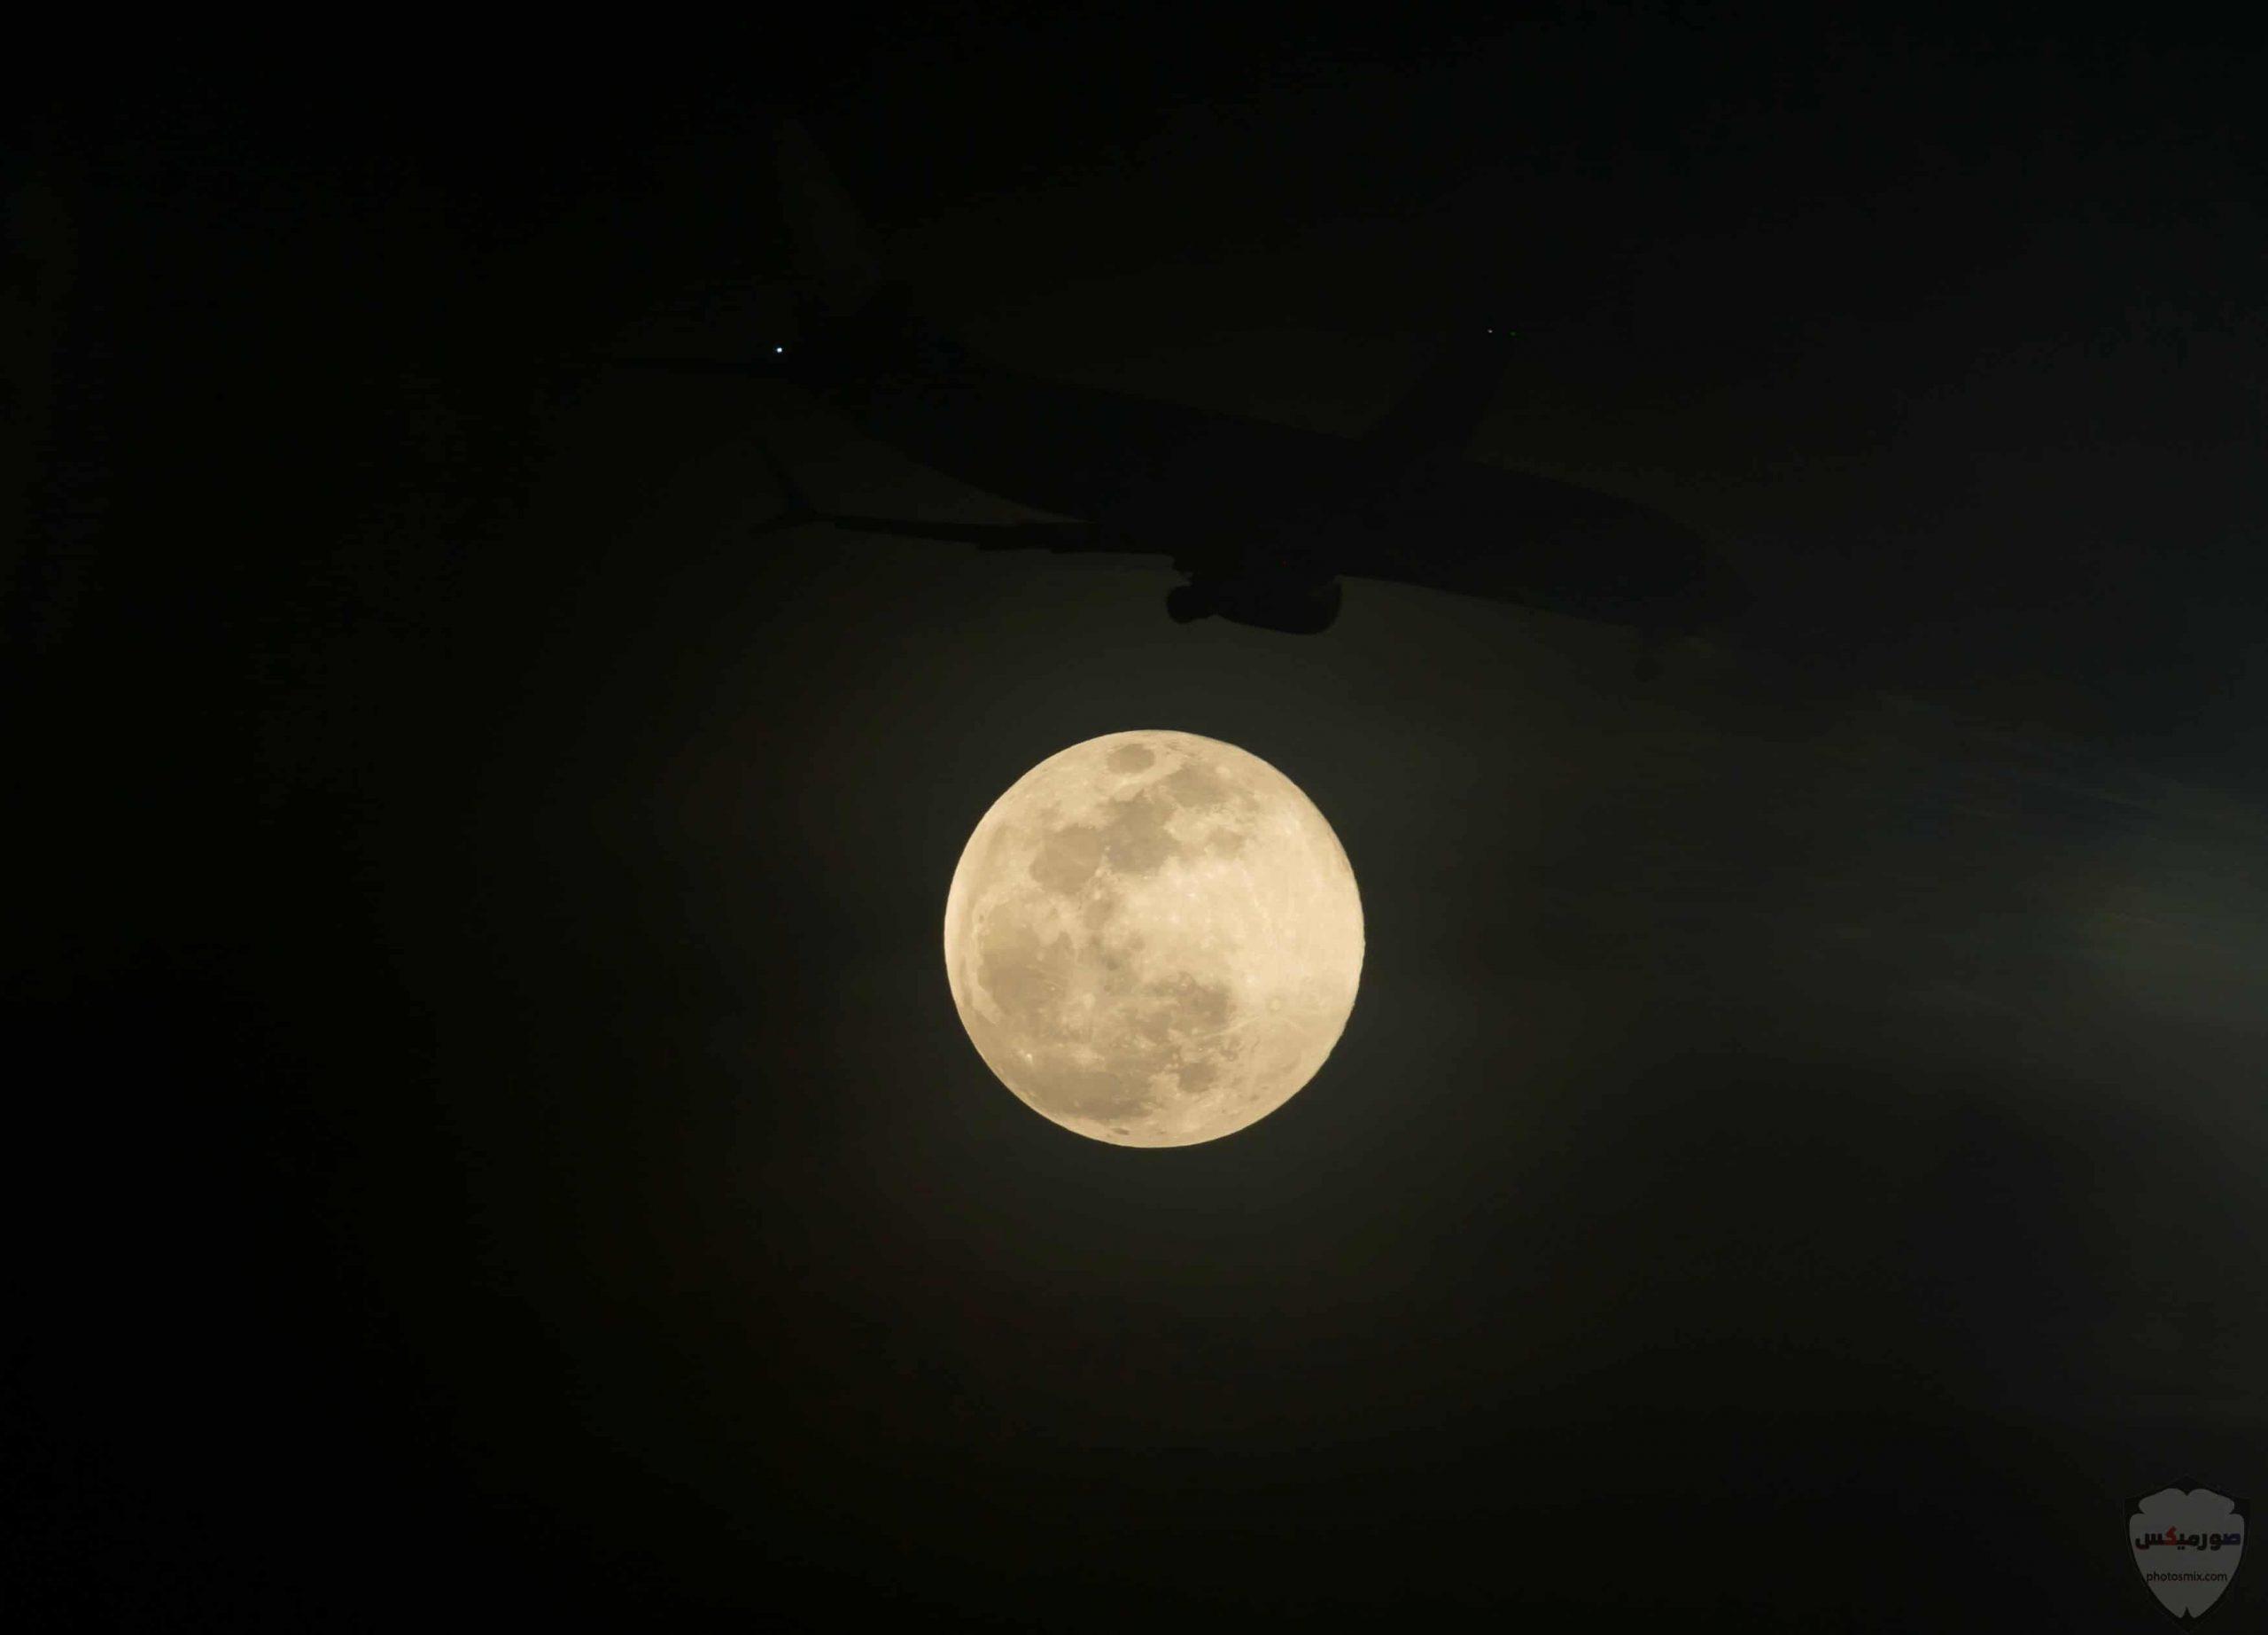 اجمل خلفيات و صور للقمر moon 2020 6